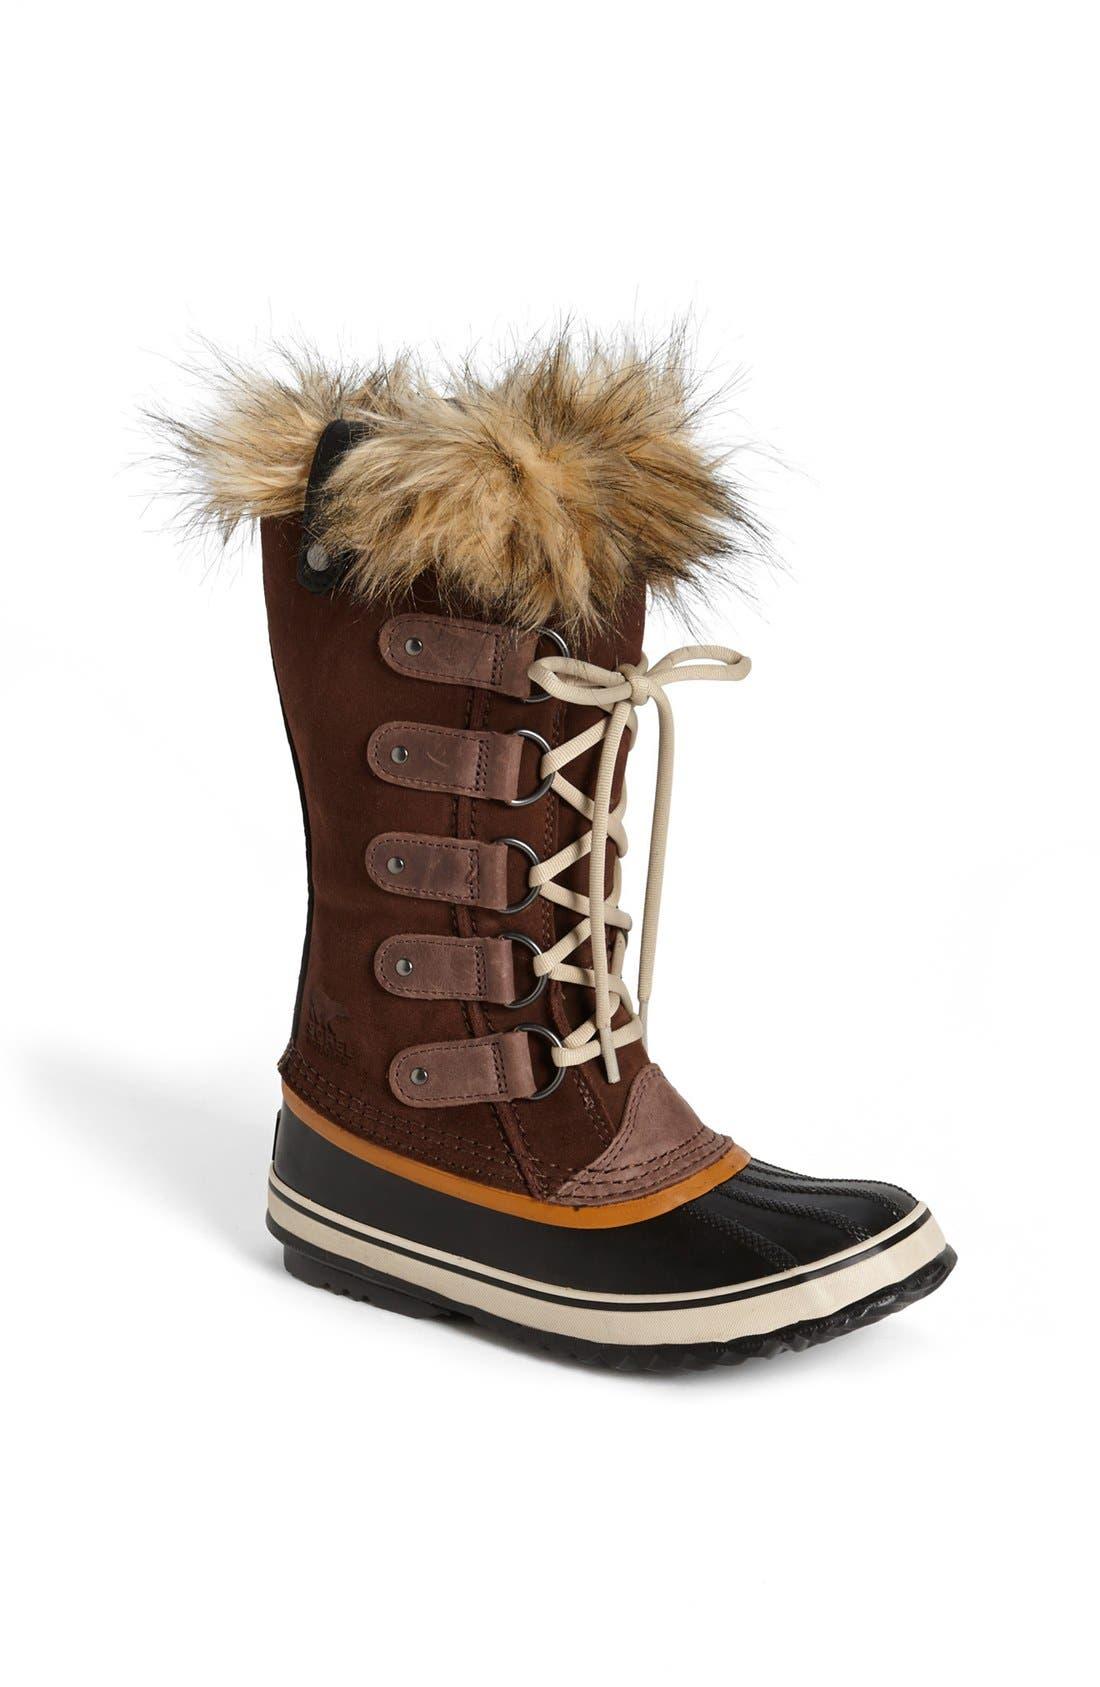 Main Image - SOREL 'Joan of Arctic' Waterproof Snow Boot